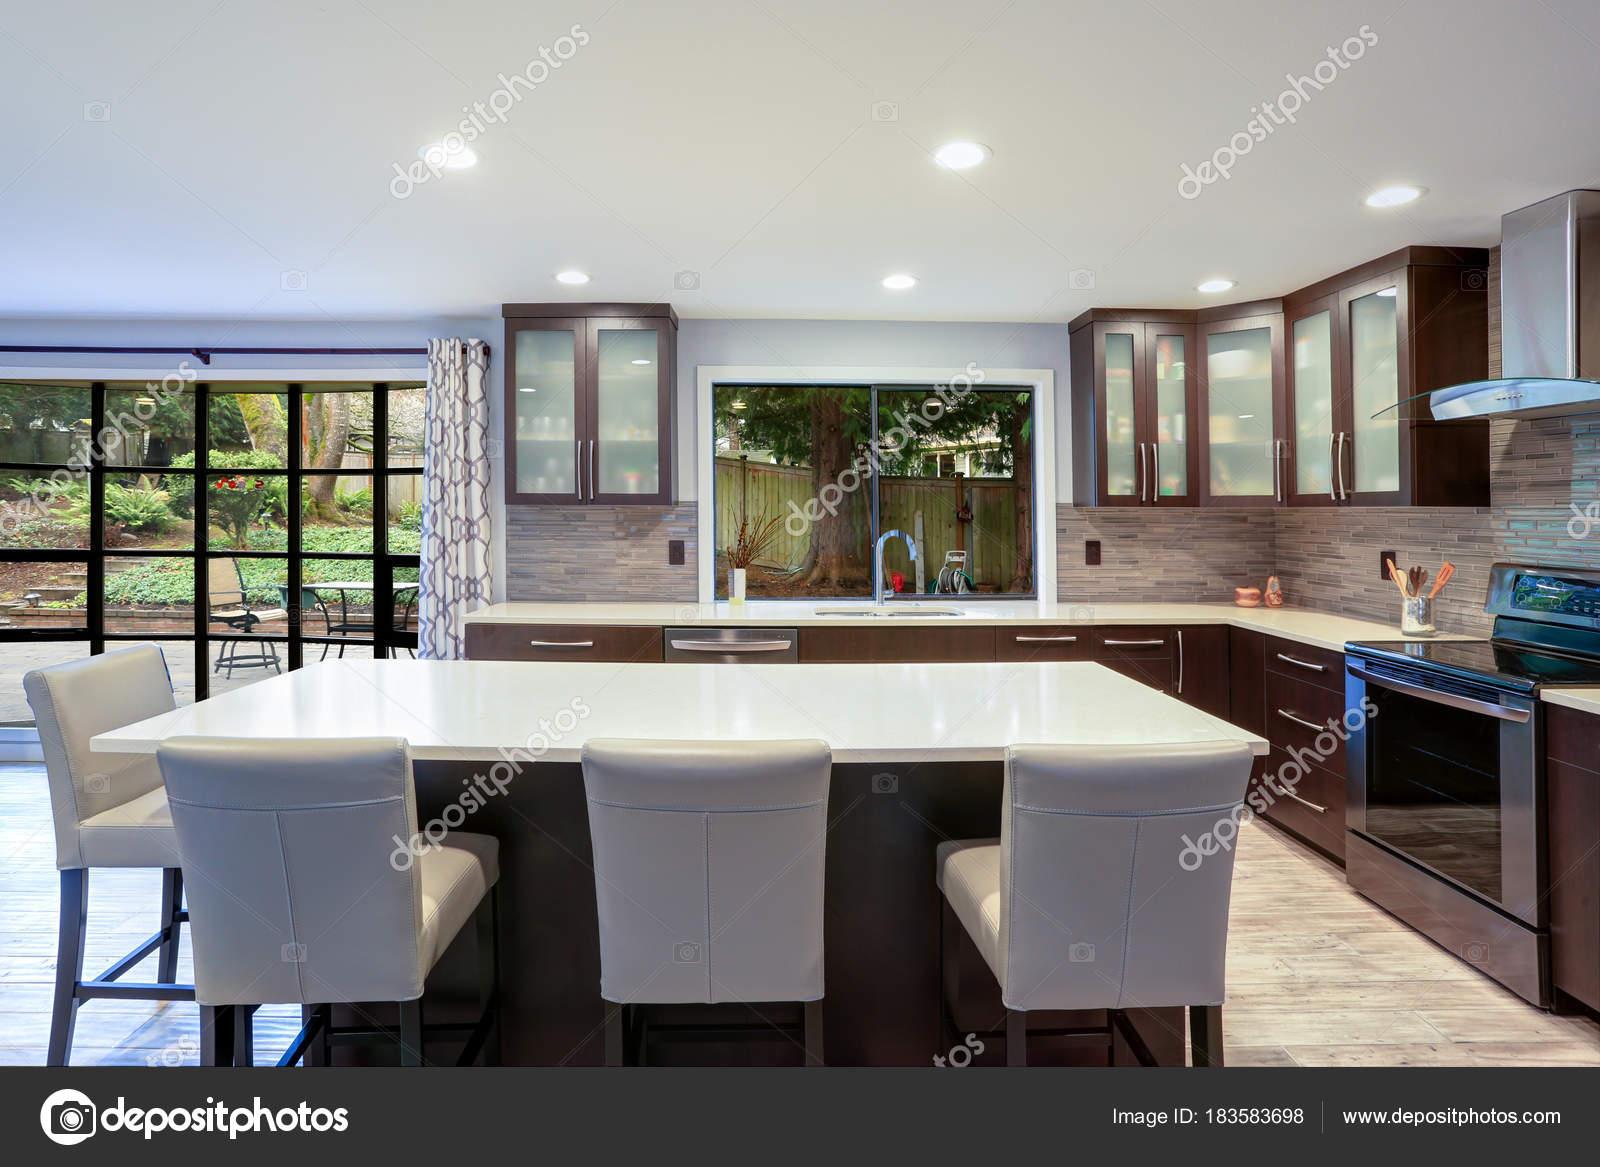 Aktualisierte Moderne Küche Innenraum Mit Weißen Zähler Und Dunkel Braun  Schränke Mit Luxus Edelstahlgeräten Ausgestattet.